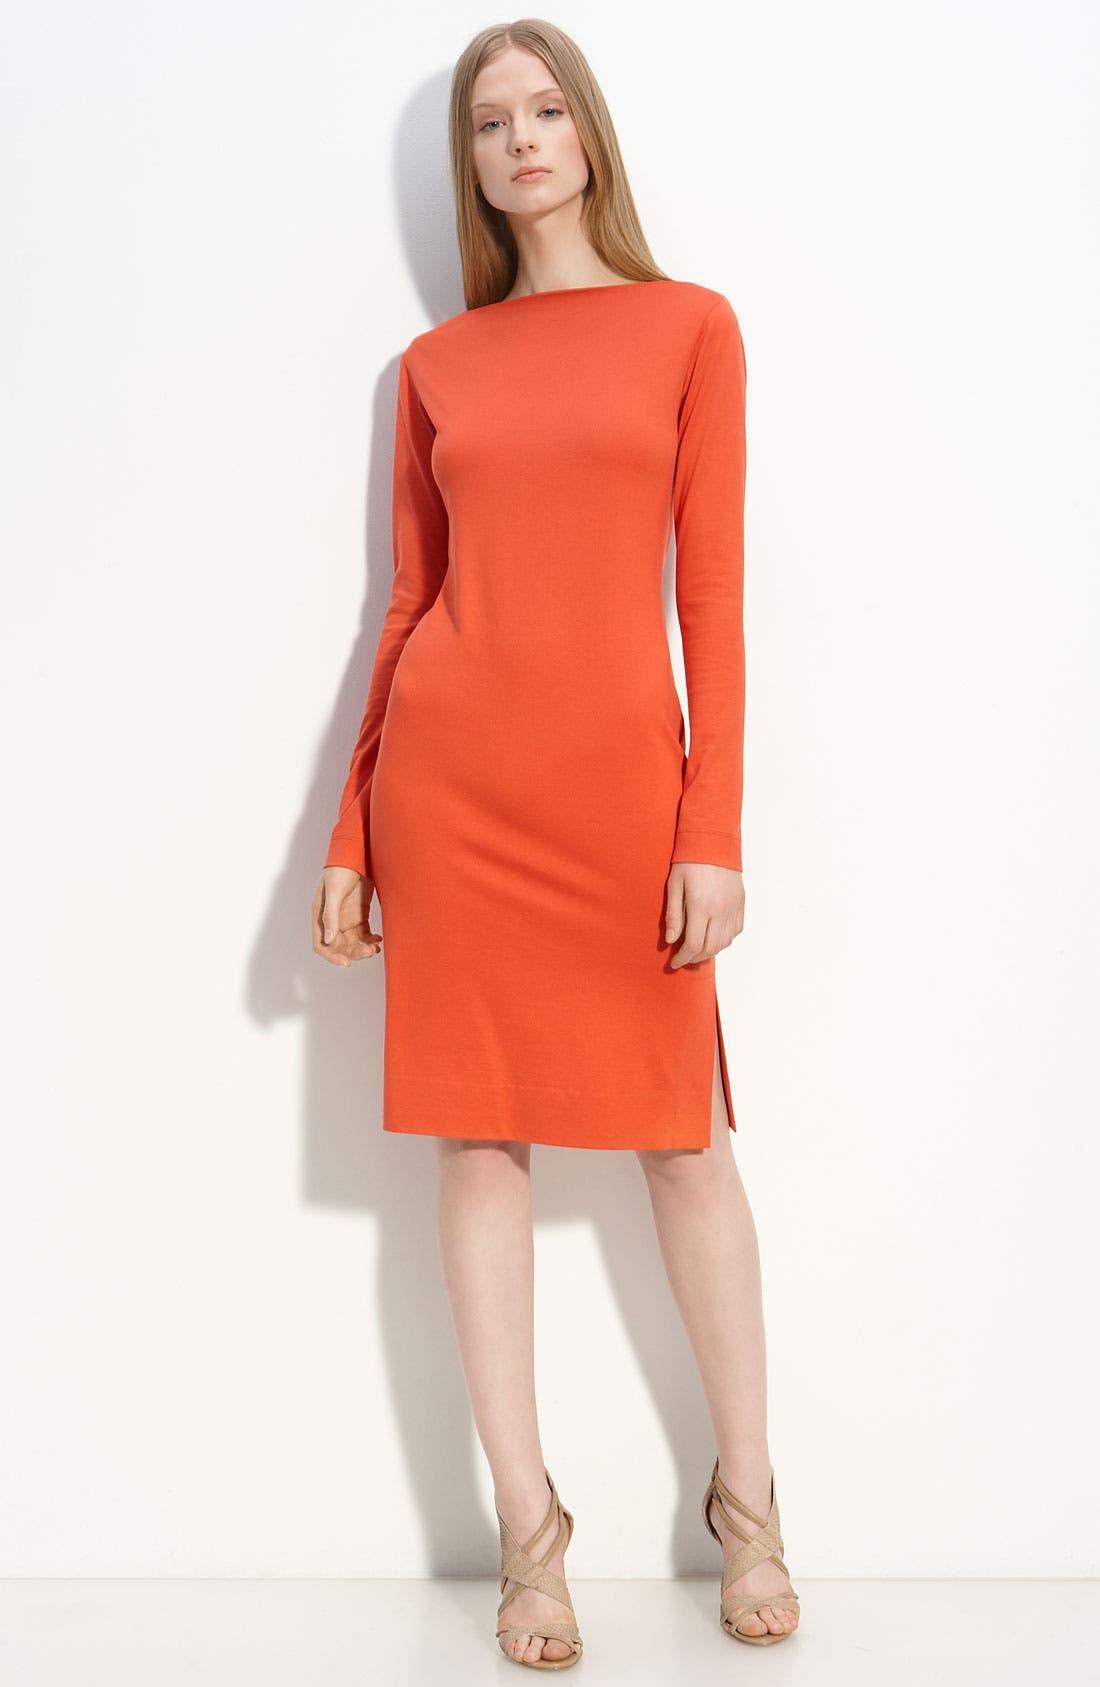 Main Image - Diane von Furstenberg Bateau Neck Knit Dress